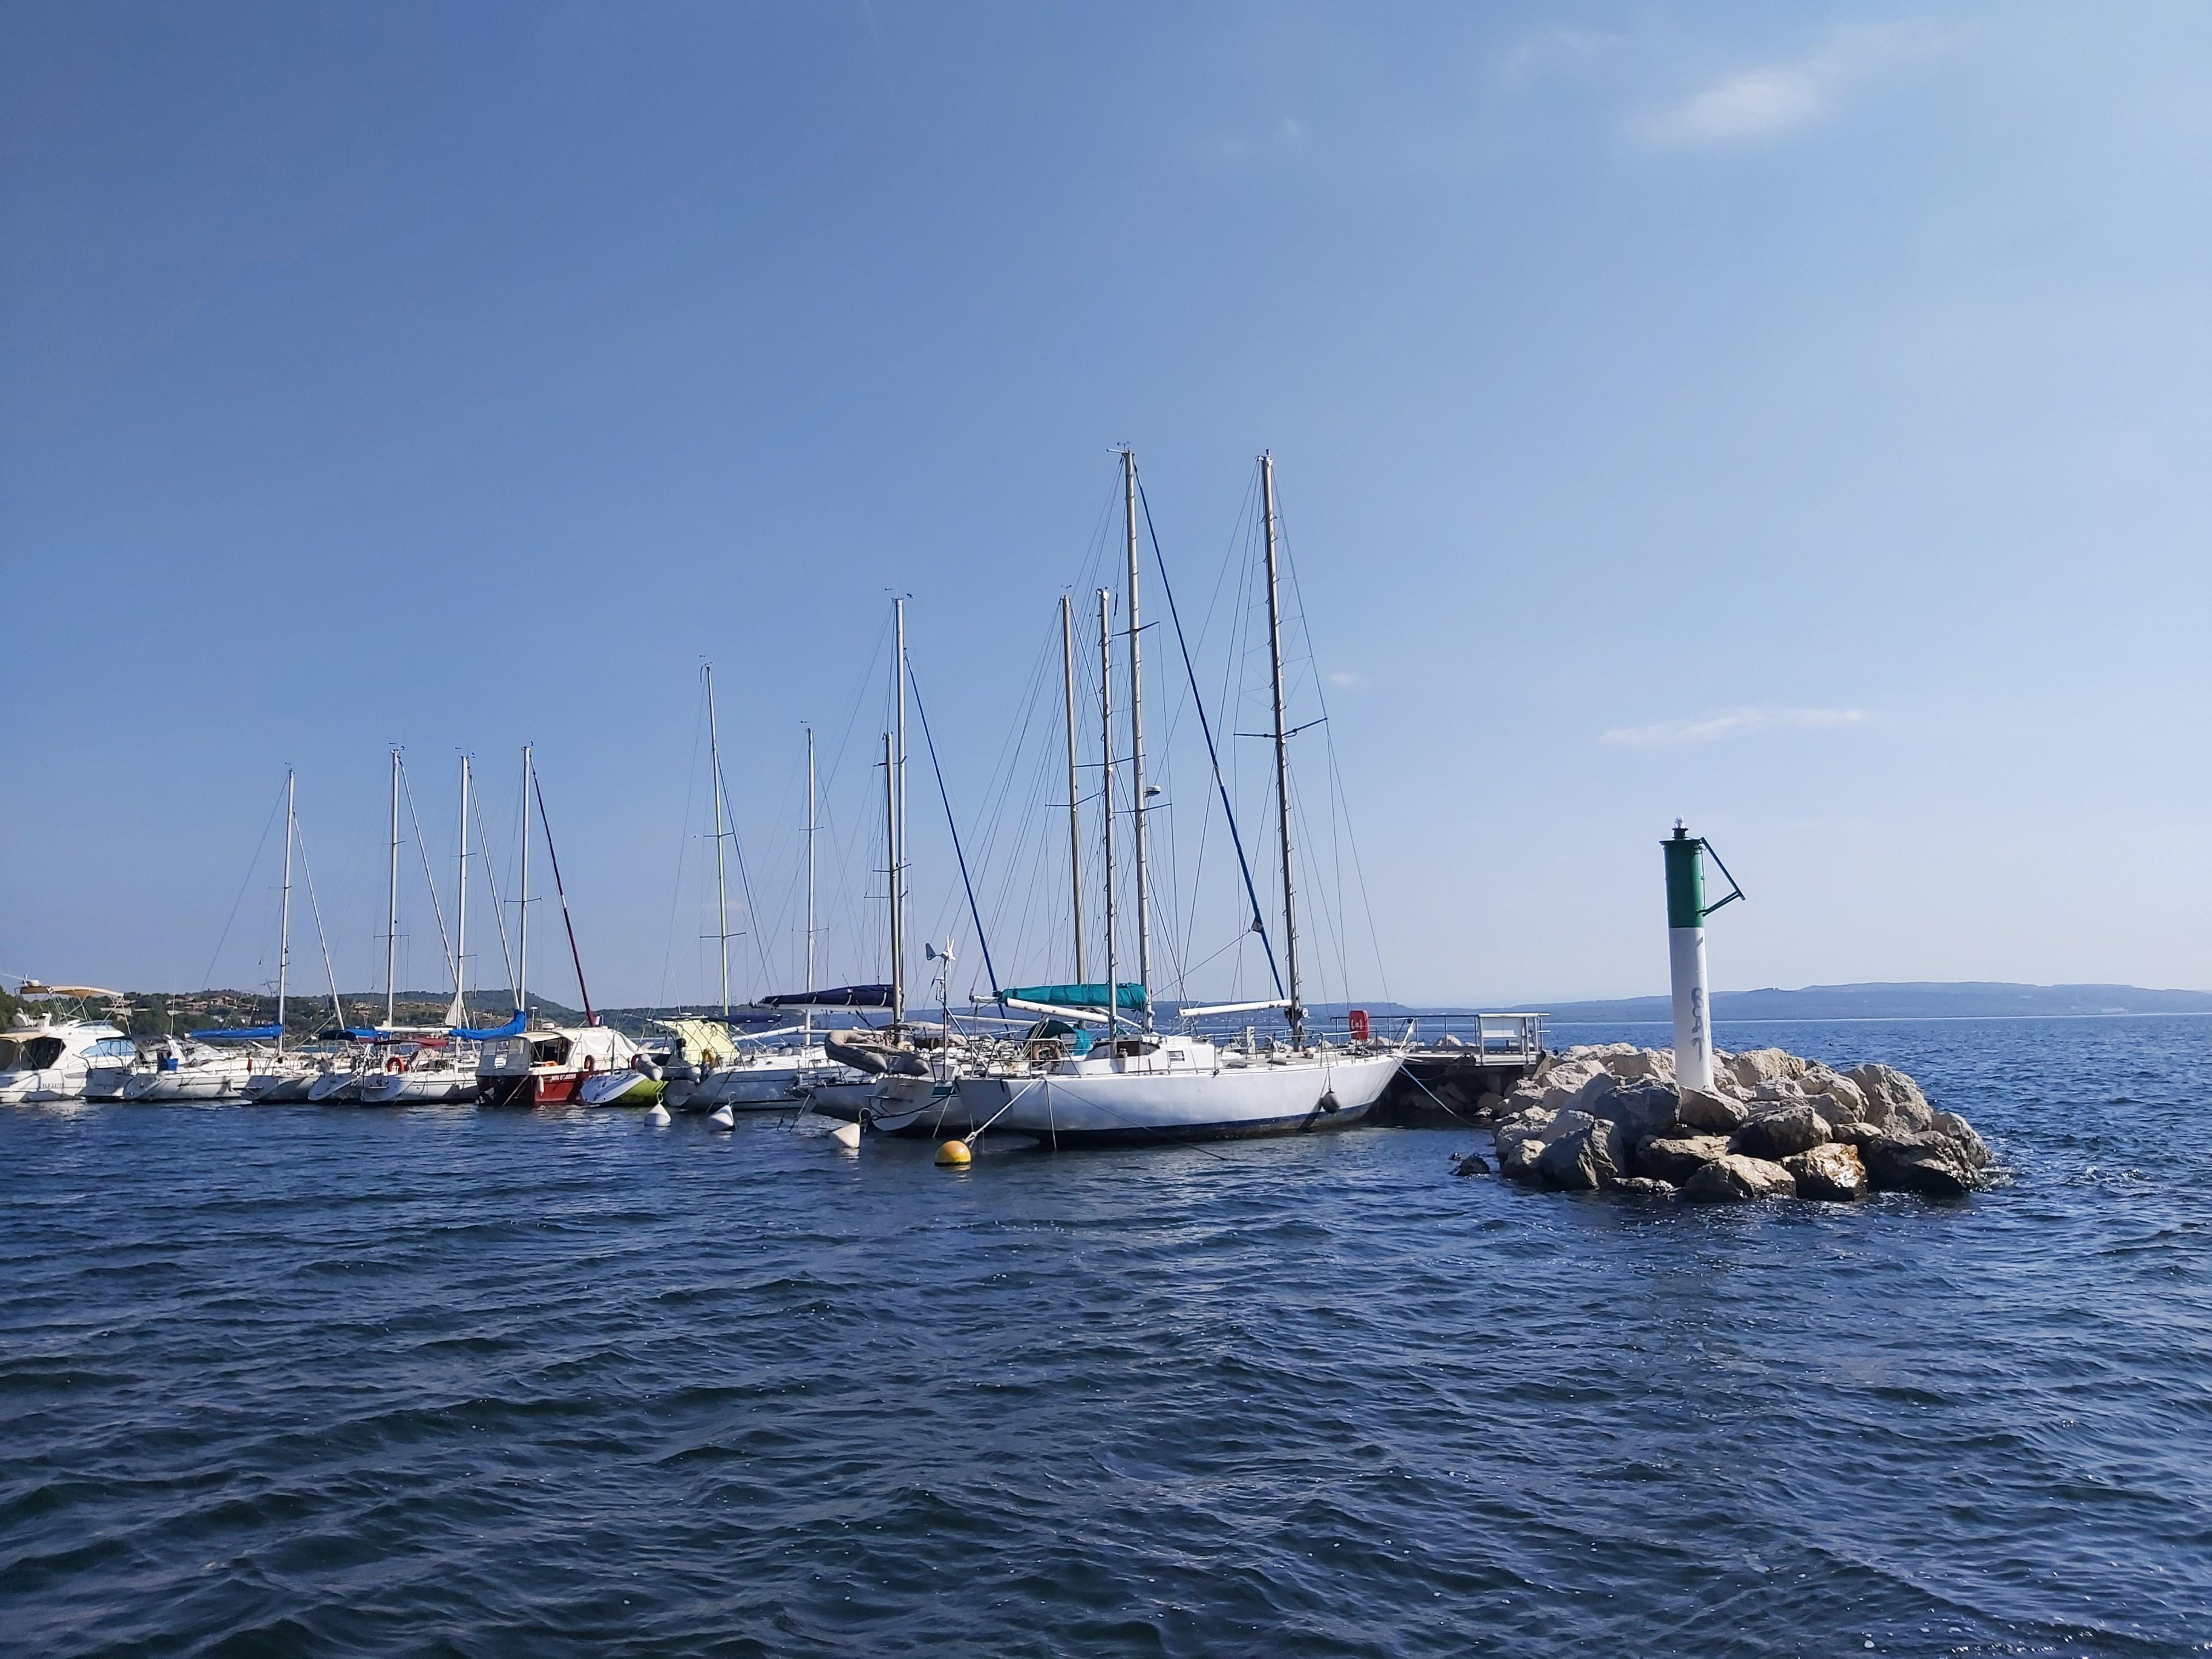 Bateaux sur la mer de l'étang de Berre ©otmartigues-victoriag - © ©otmartigues-victoriag